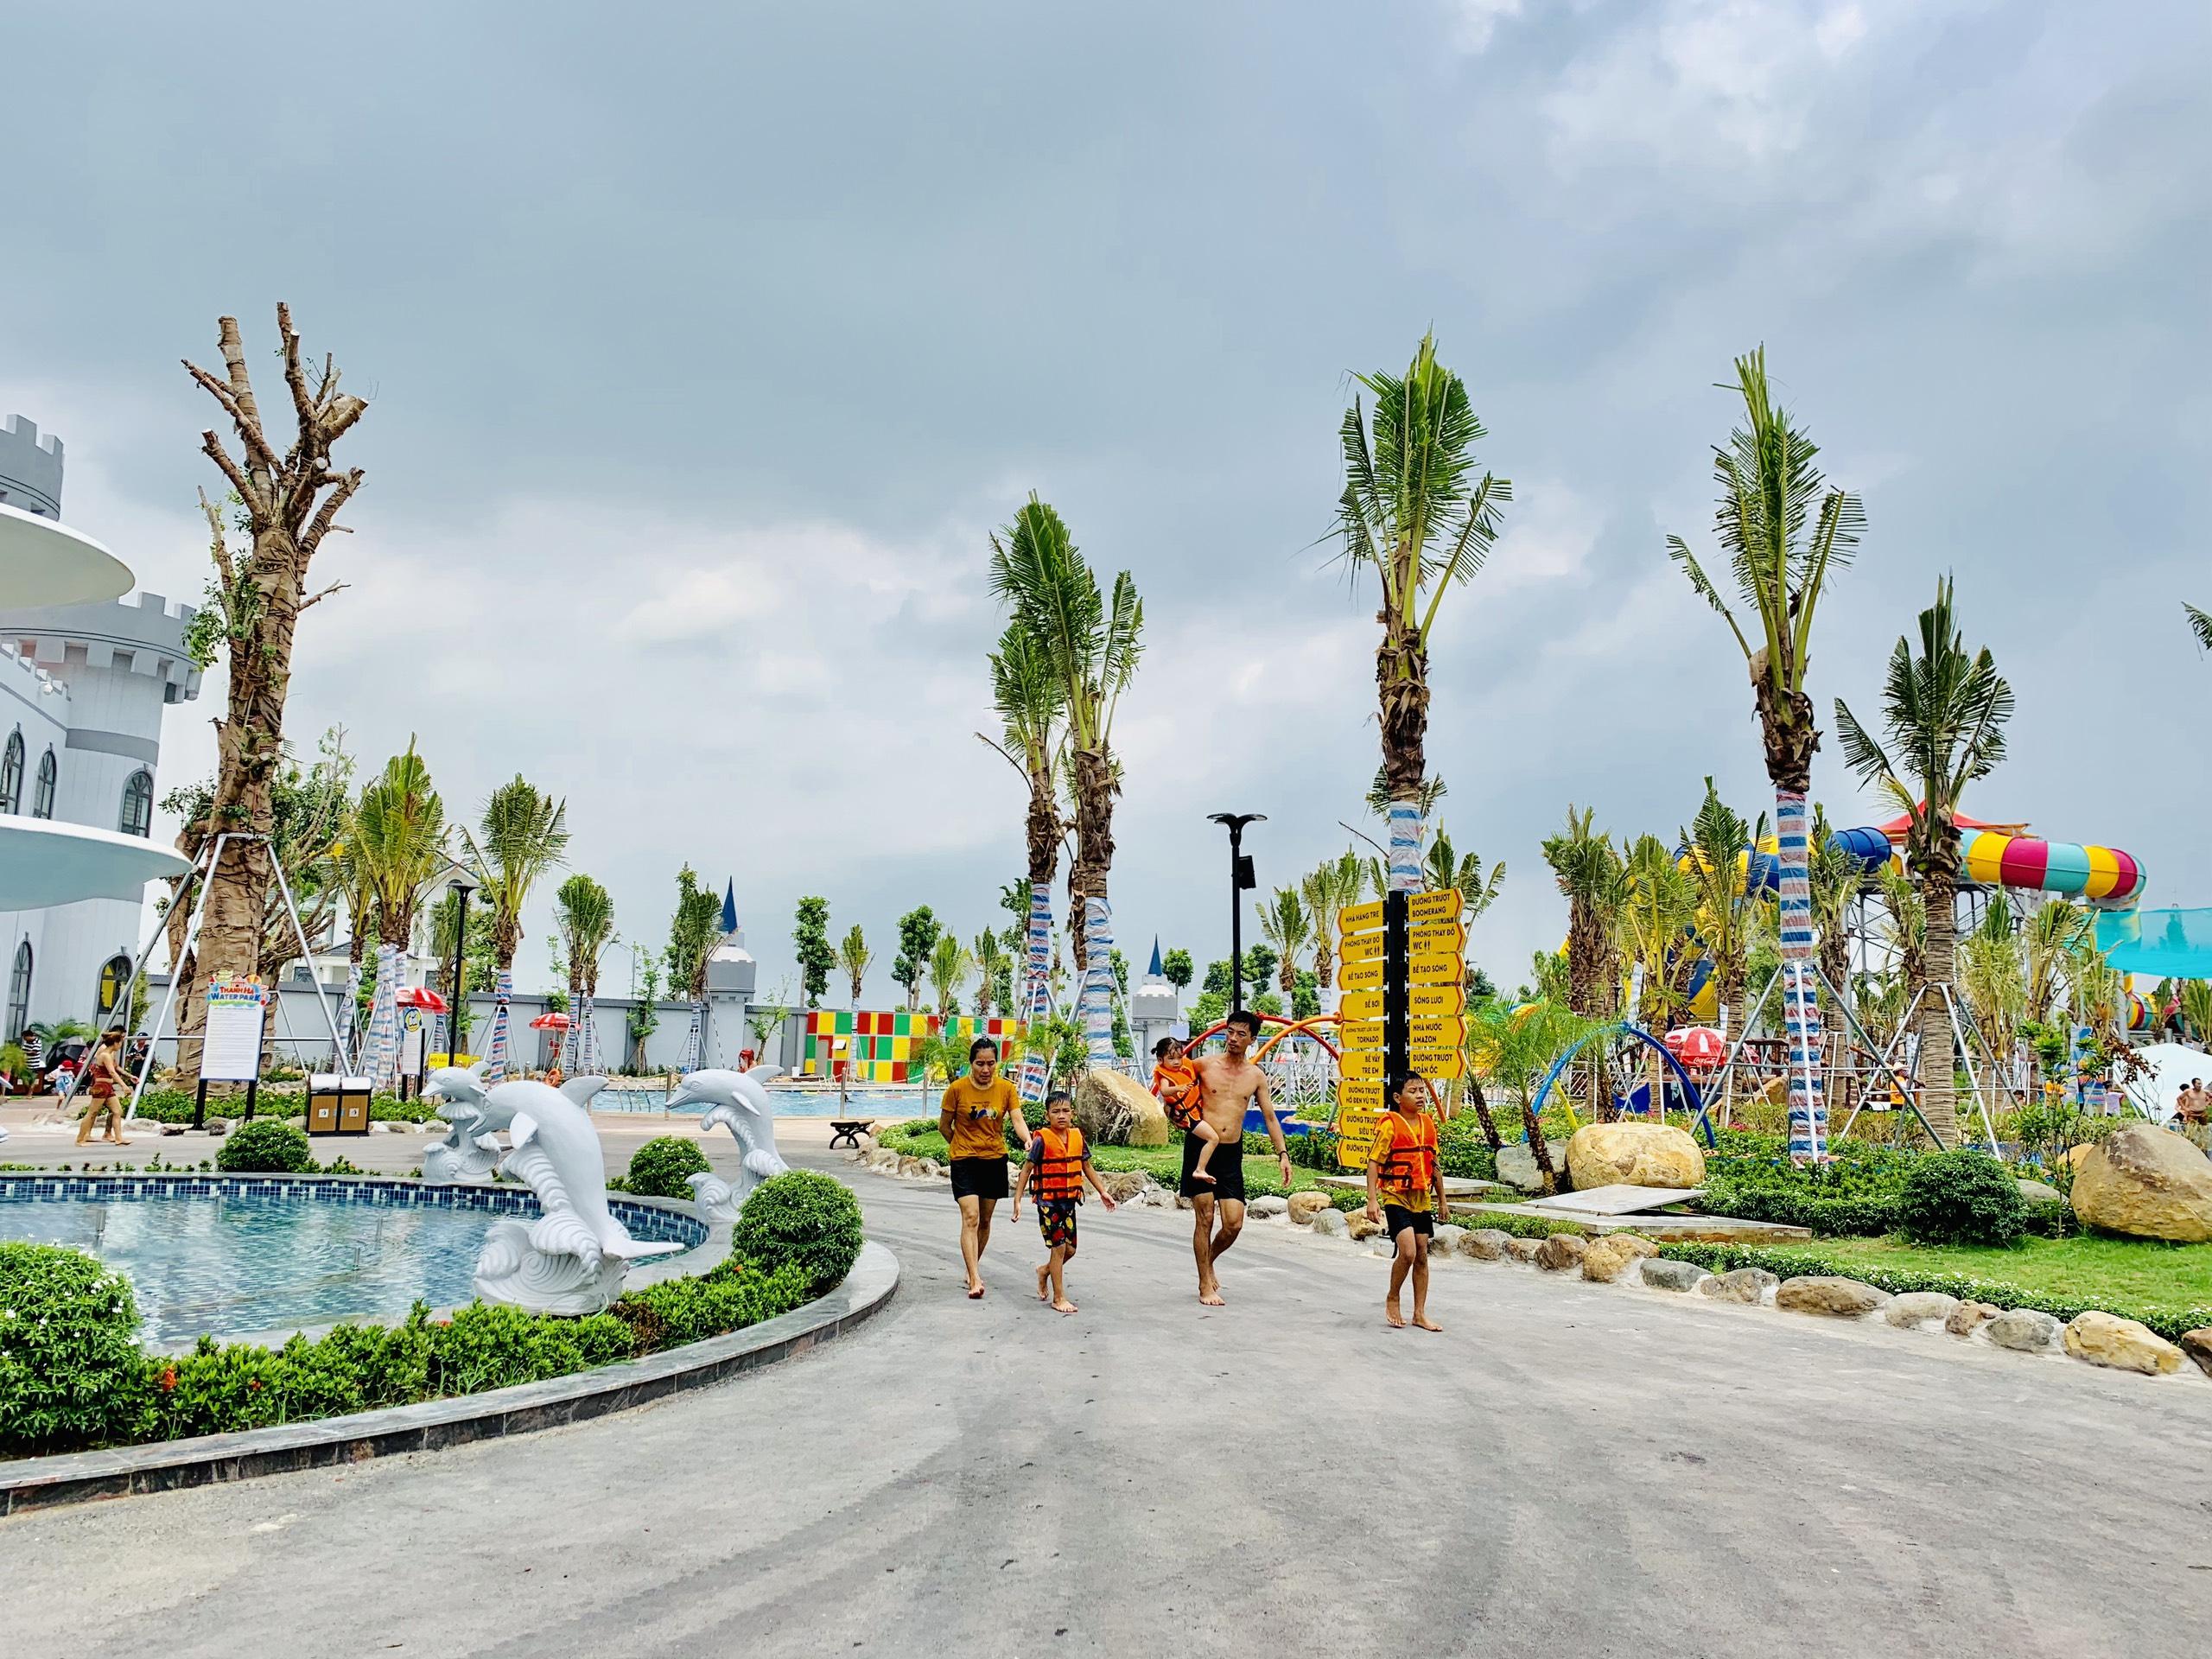 Một ngày trải nghiệm thú vị tại công viên nước Thanh Hà  - Ảnh 5